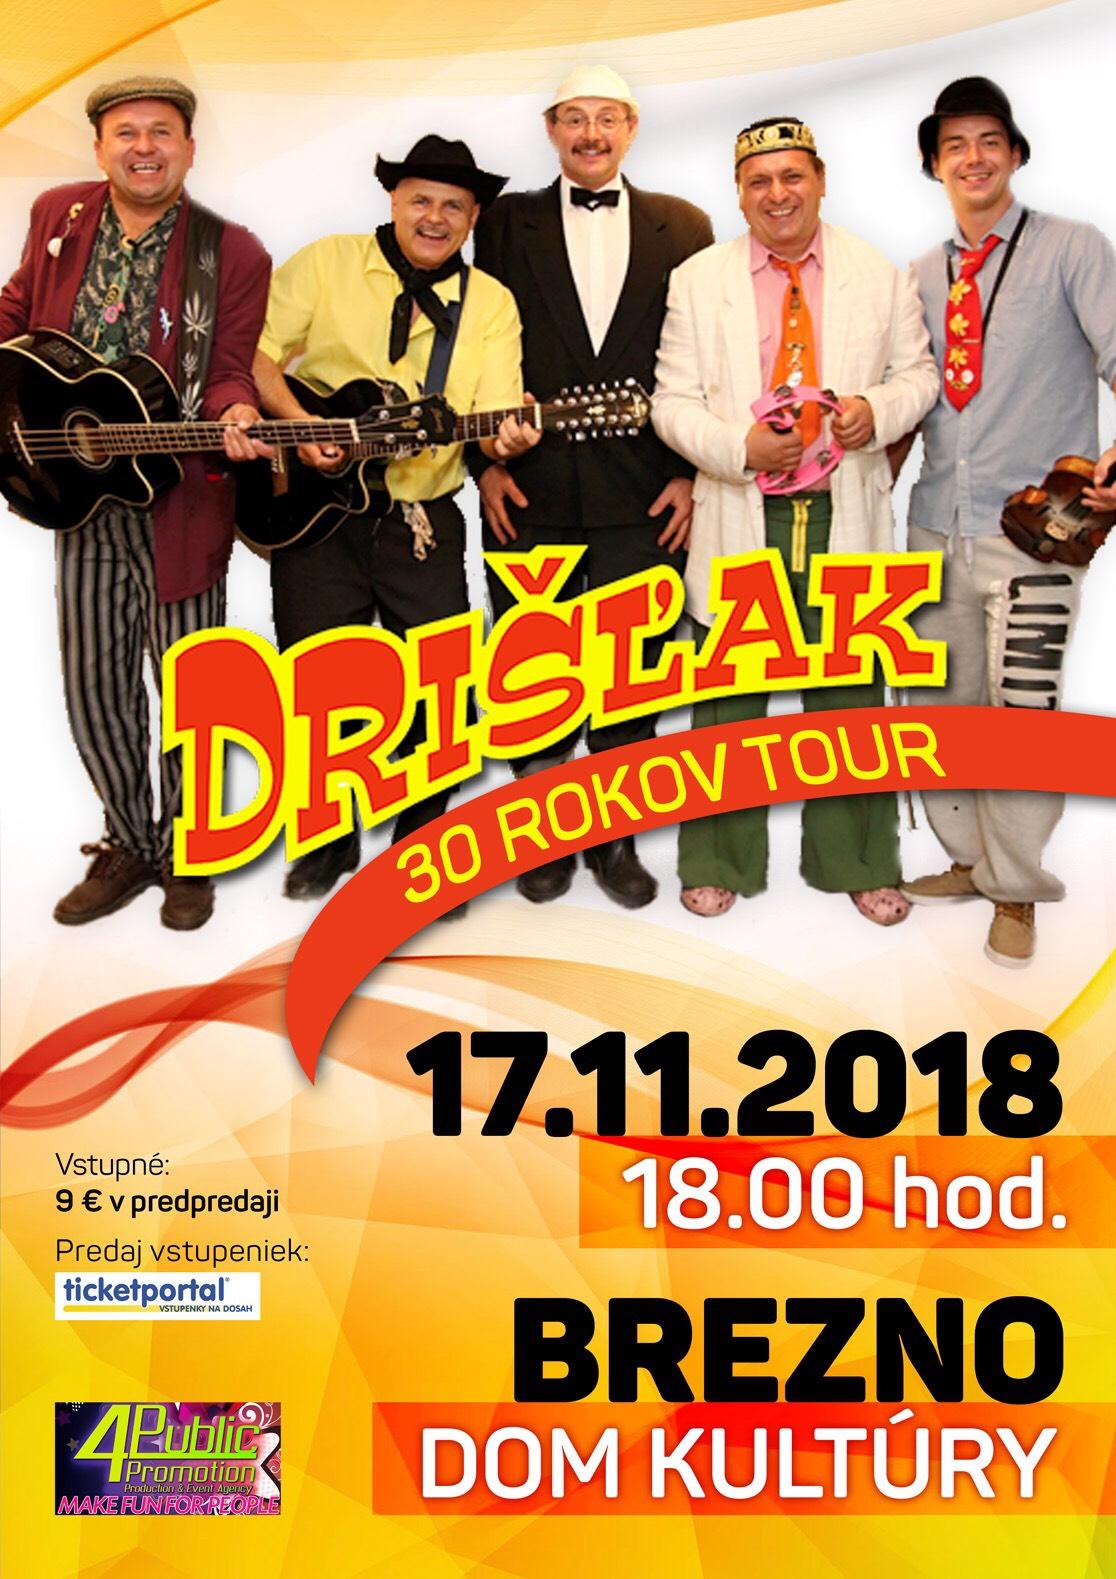 picture DRIŠĽAK 30 TOUR